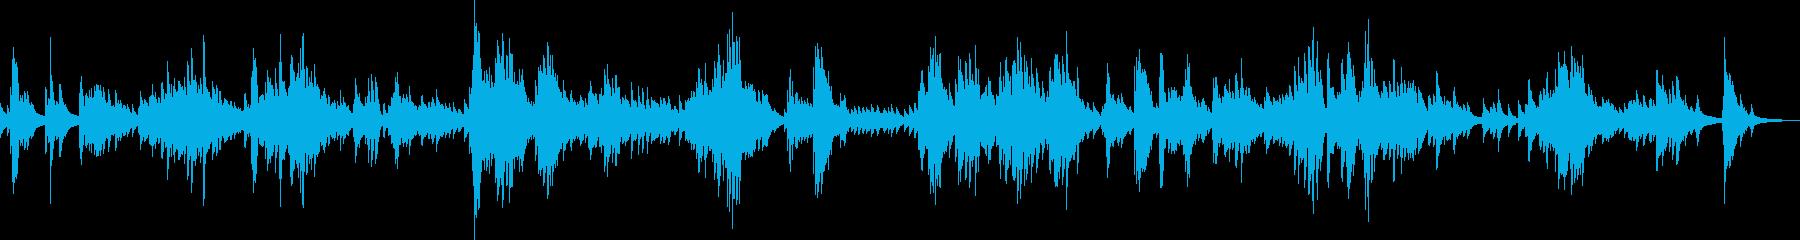 孤独に震えるピアノ曲の再生済みの波形